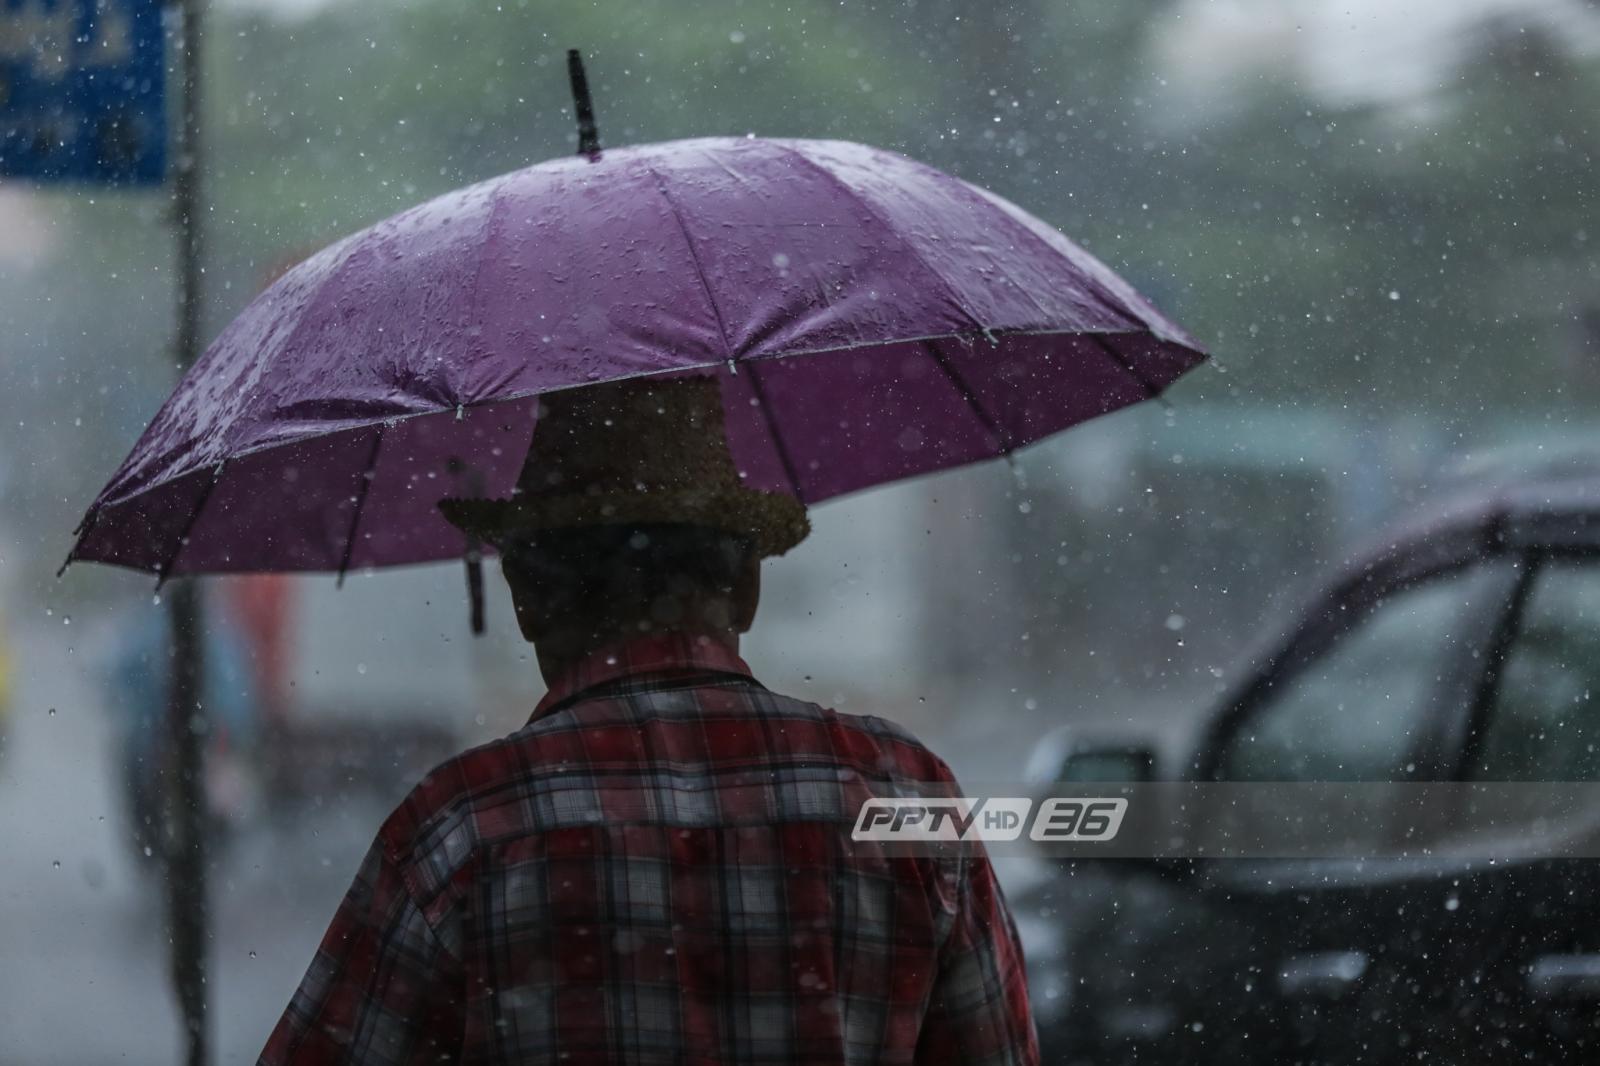 """อุตุฯพยากรณ์อากาศ """"อีสาน-ตะวันออก"""" ฝนตกหนัก ระวังน้ำท่วมฉับพลัน"""